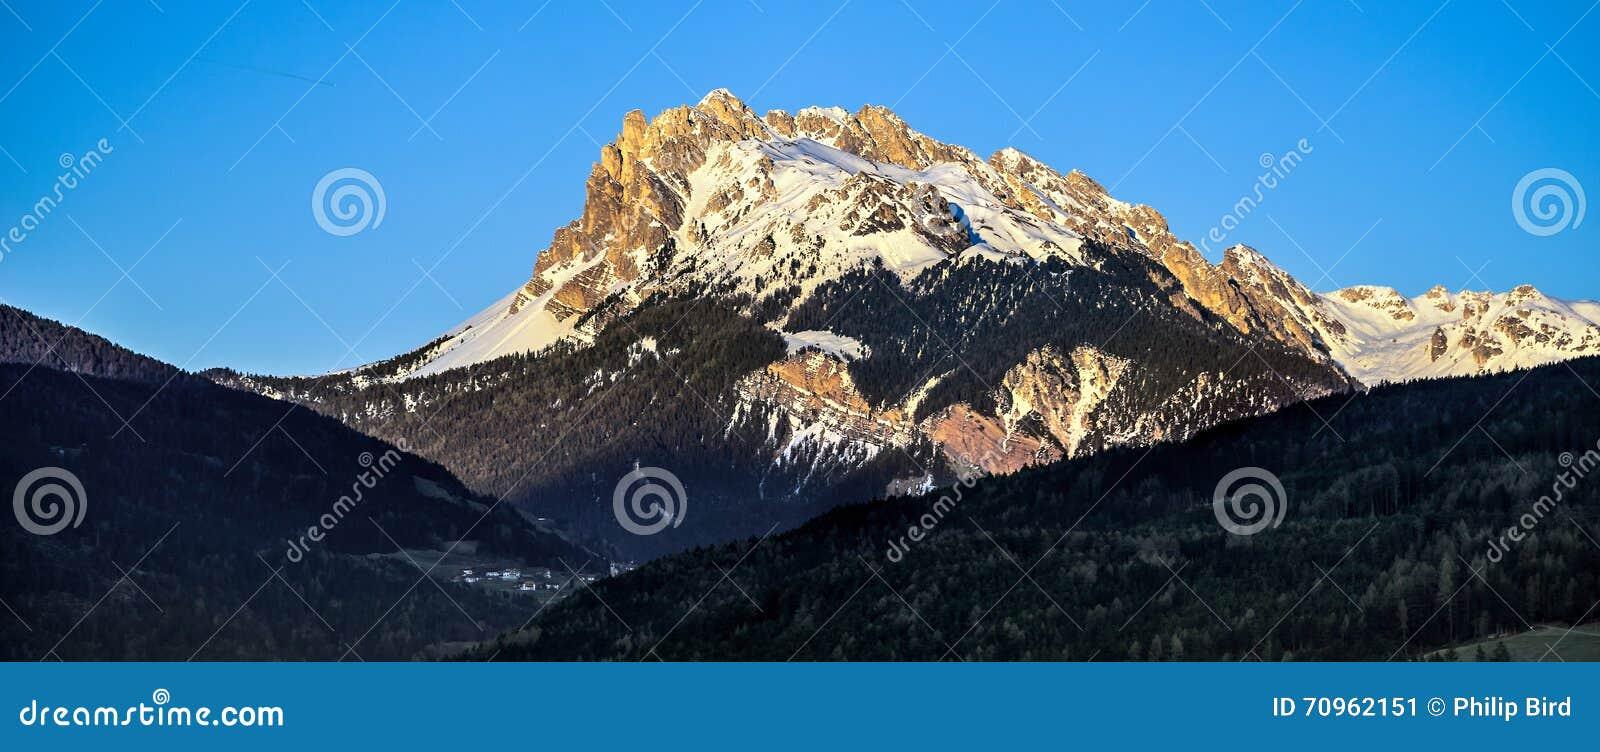 VILLANDERS, ZUIDEN TYROL/ITALY - 26 MAART: Mening van het Dolomiet